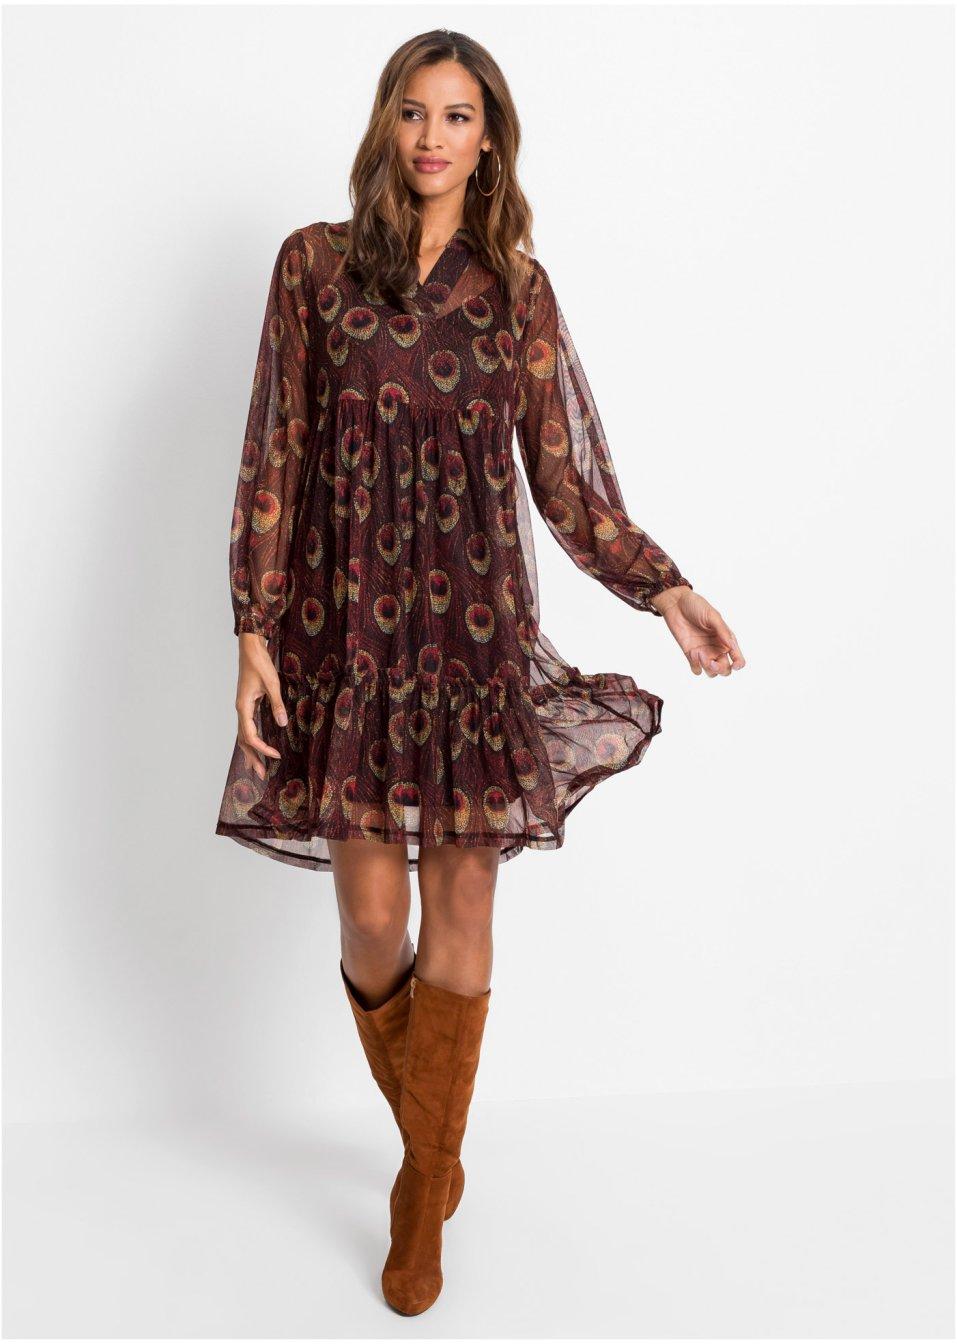 Kleid mit Langarm braun/beige bedruckt - BODYFLIRT ...